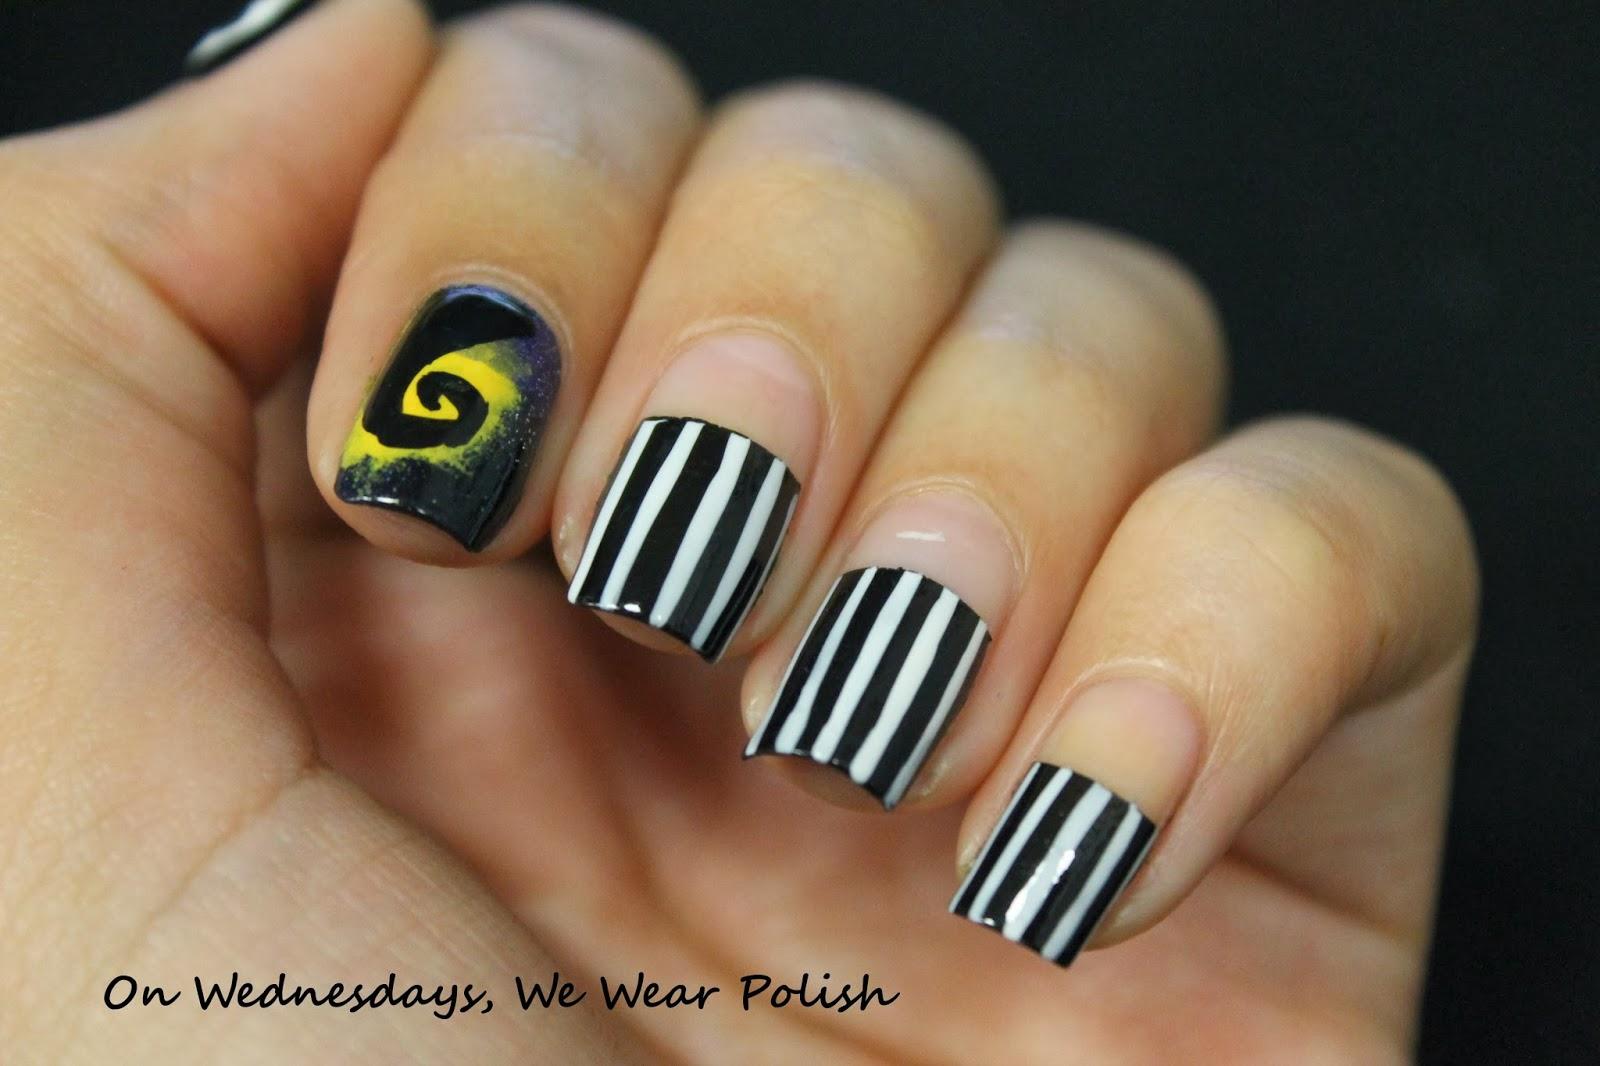 On Wednesdays, We Wear Polish : October 2013